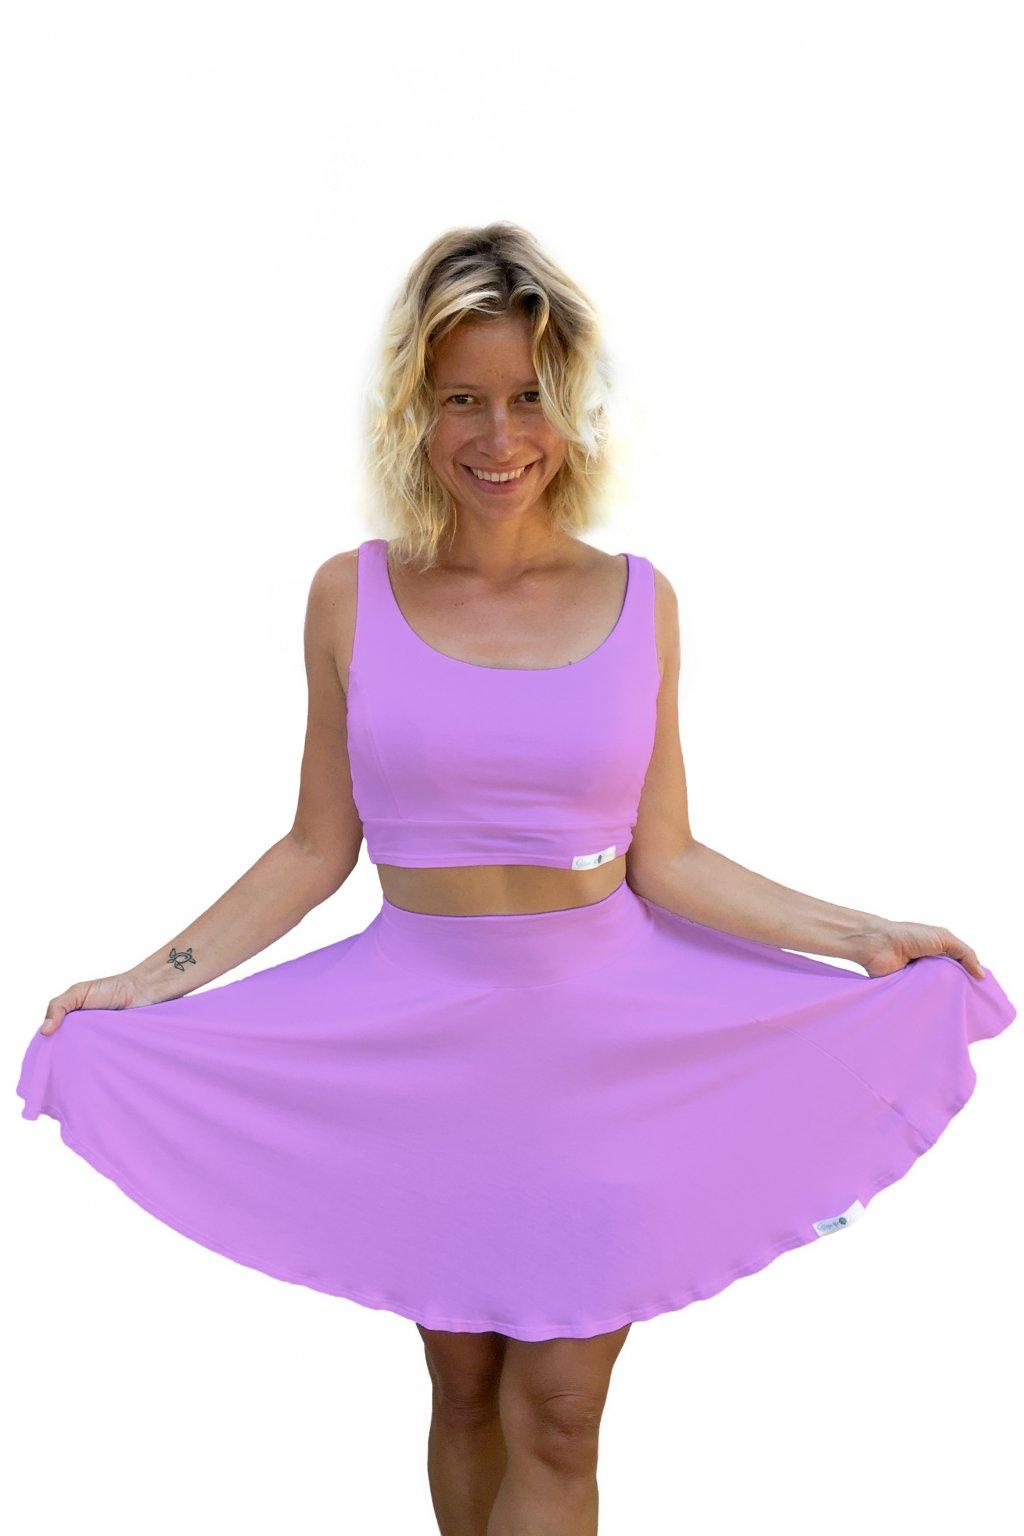 sukne na jogu svetle ruzova